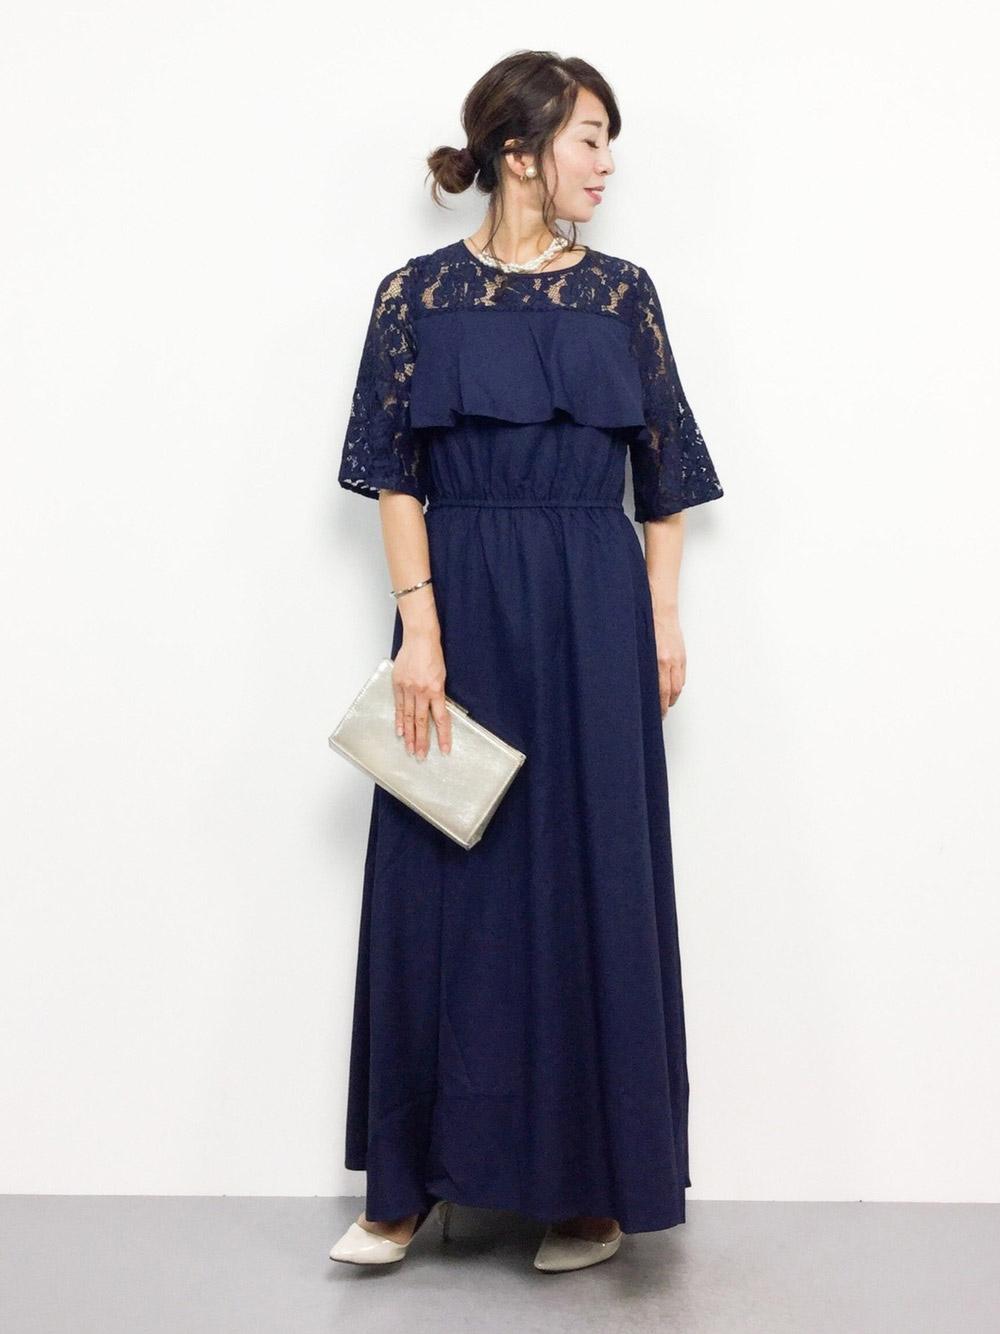 マキシ丈のネイビードレス